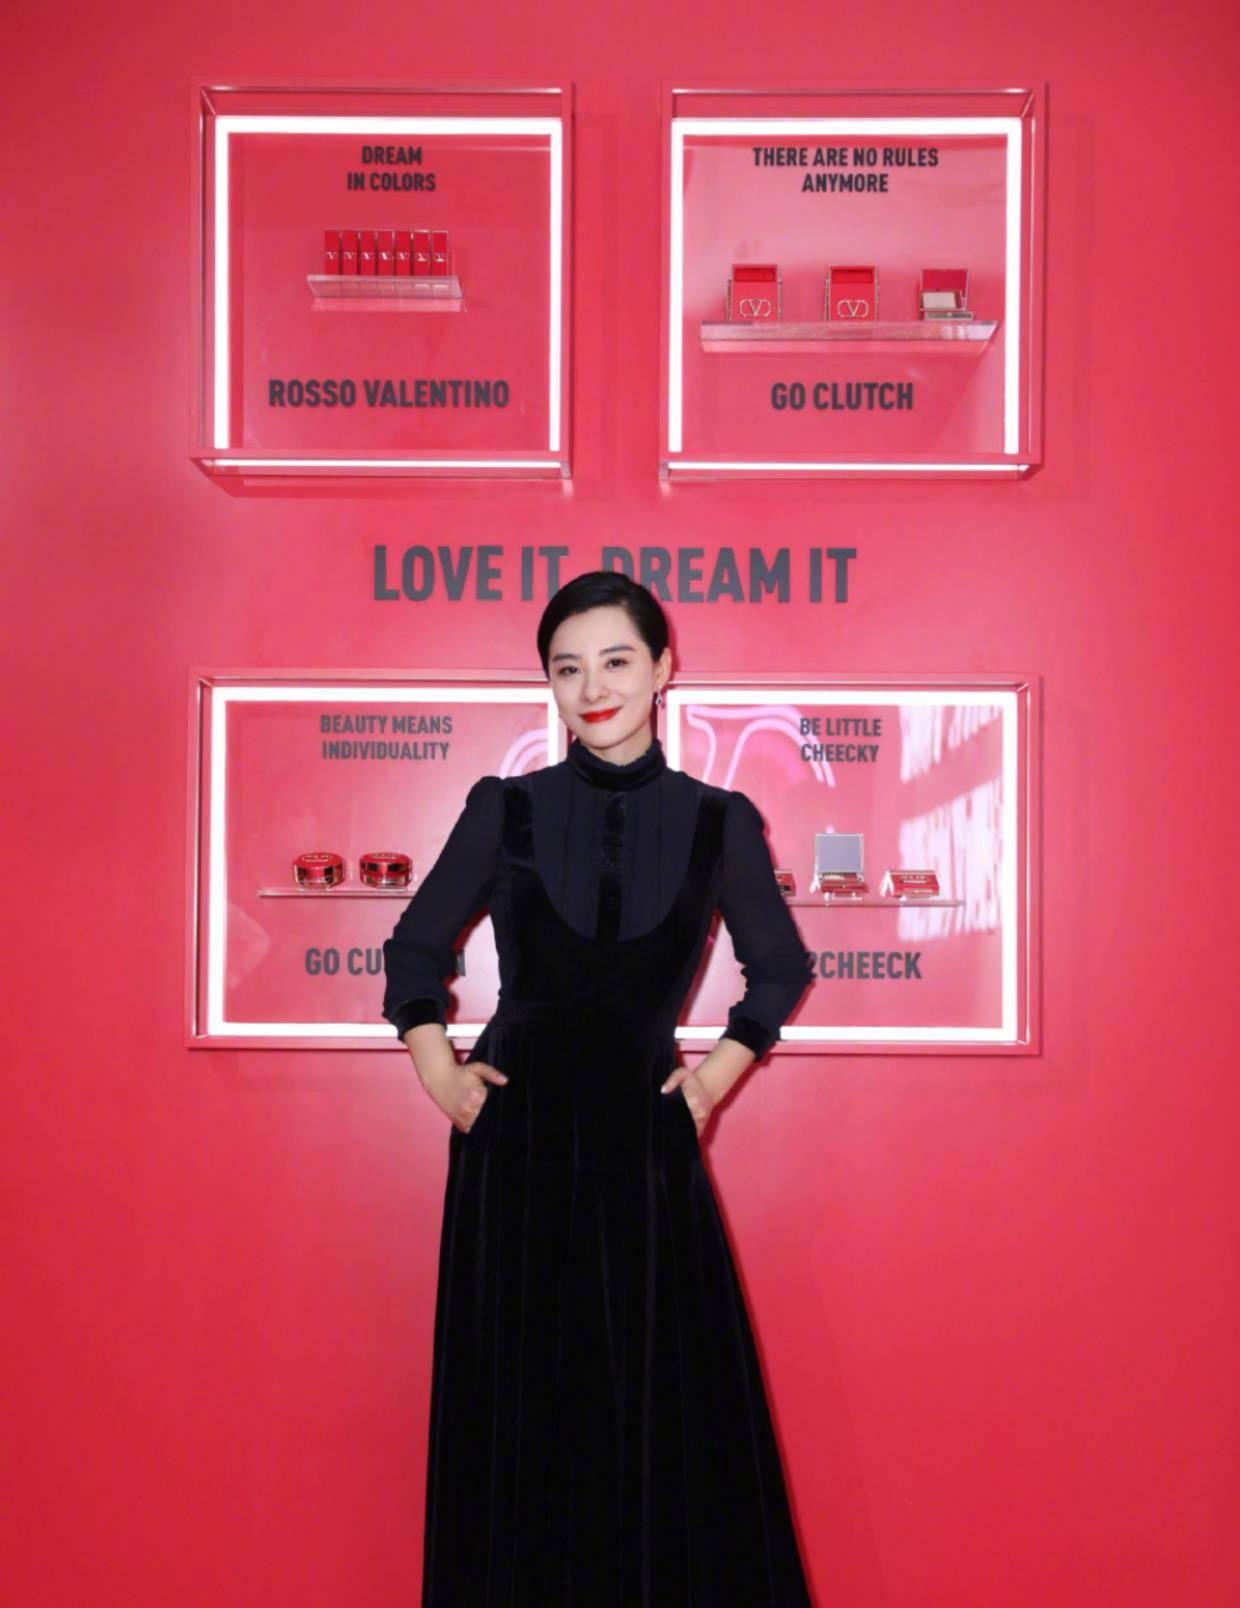 刘璇气质越发高级,一袭黑色丝绒连衣裙高贵优雅,差点认不出